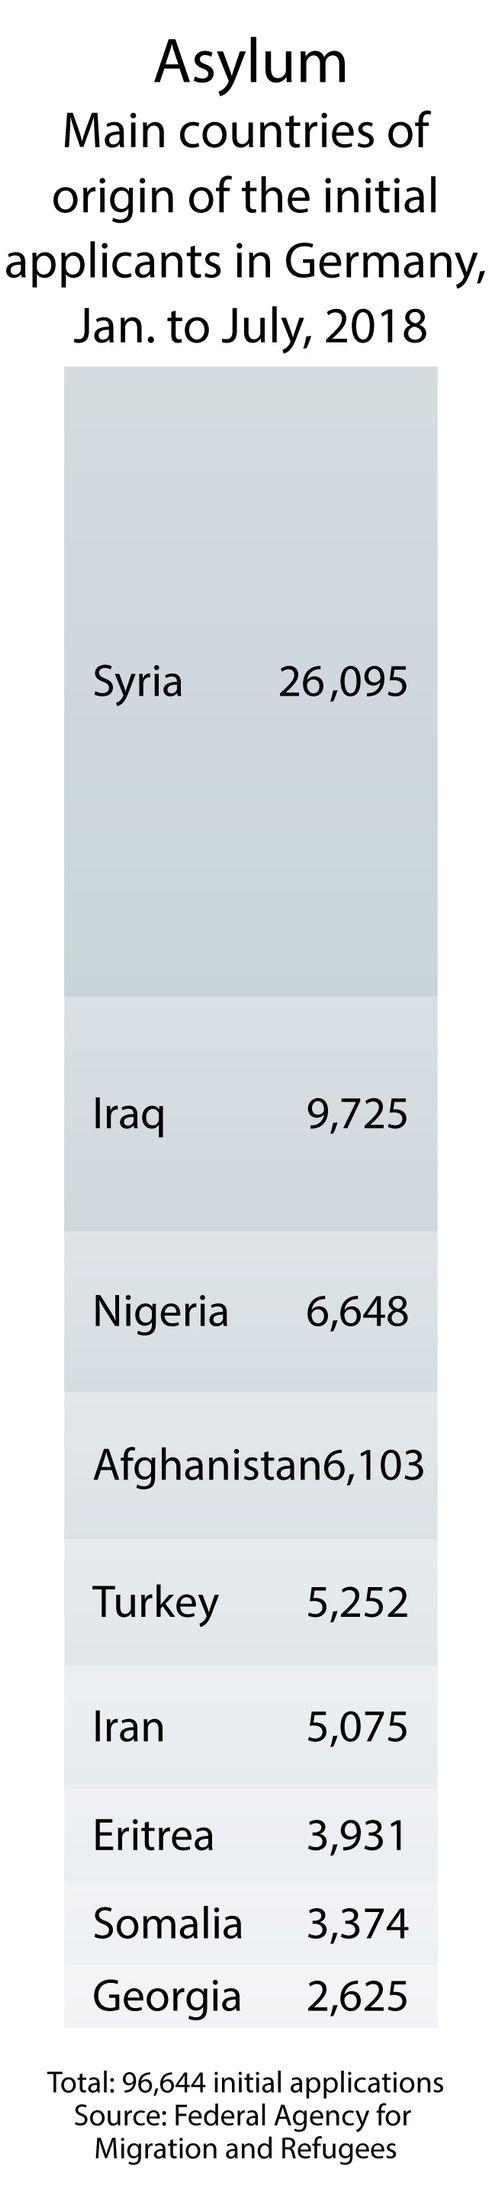 Countries of origin of asylum-seekers in Germany